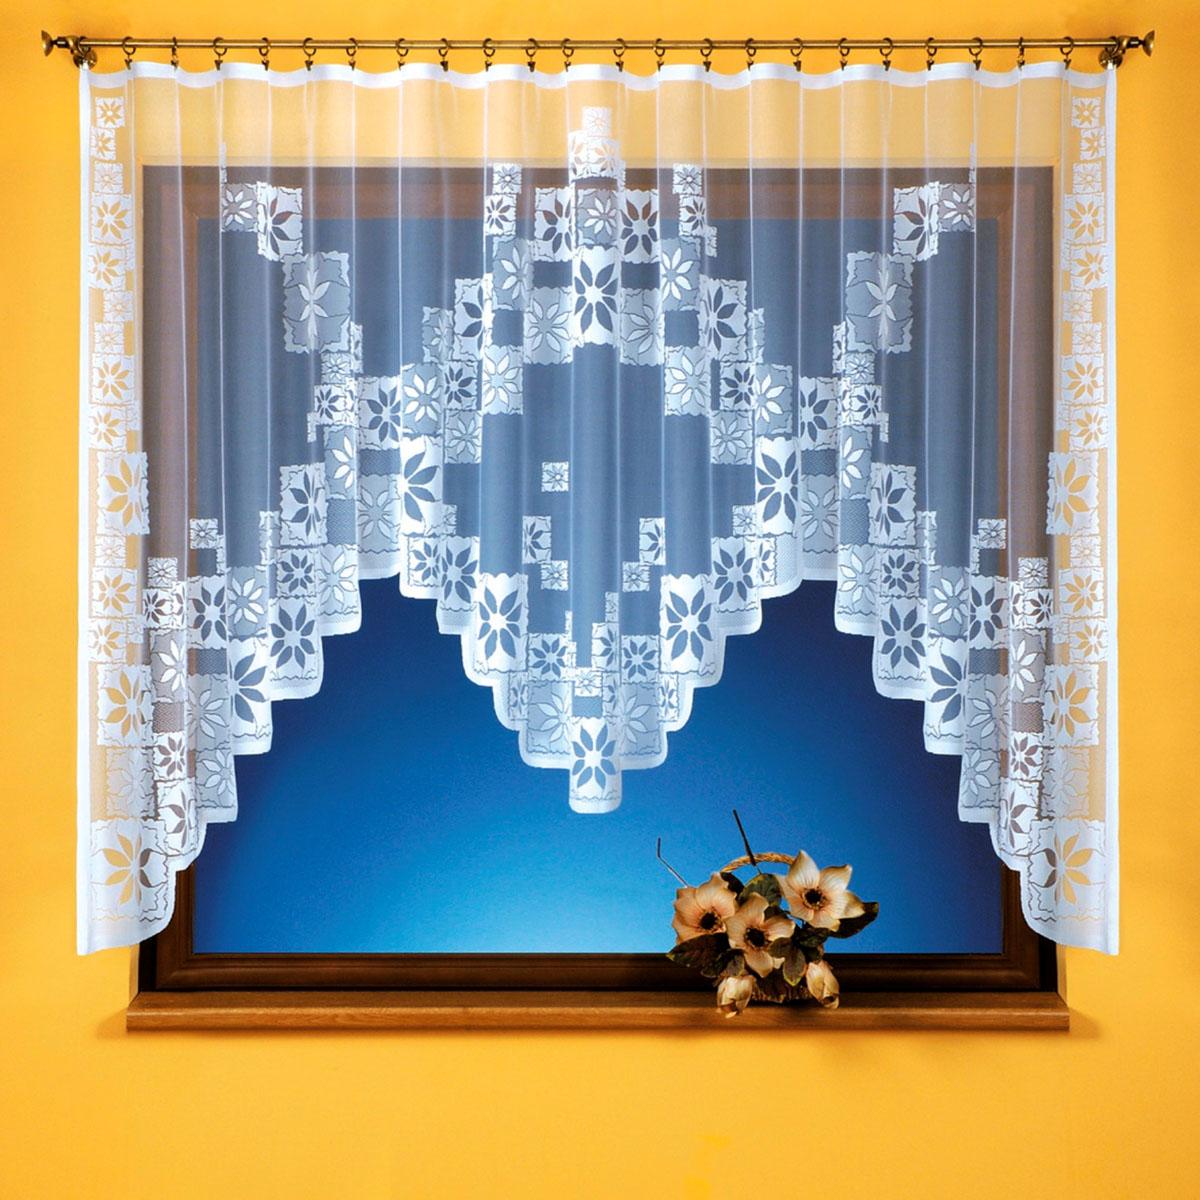 Гардина Wisan, цвет: белый, ширина 330 см, высота 170 см. 92999299вид крепления - под зажимы для штор Размеры: 330*170